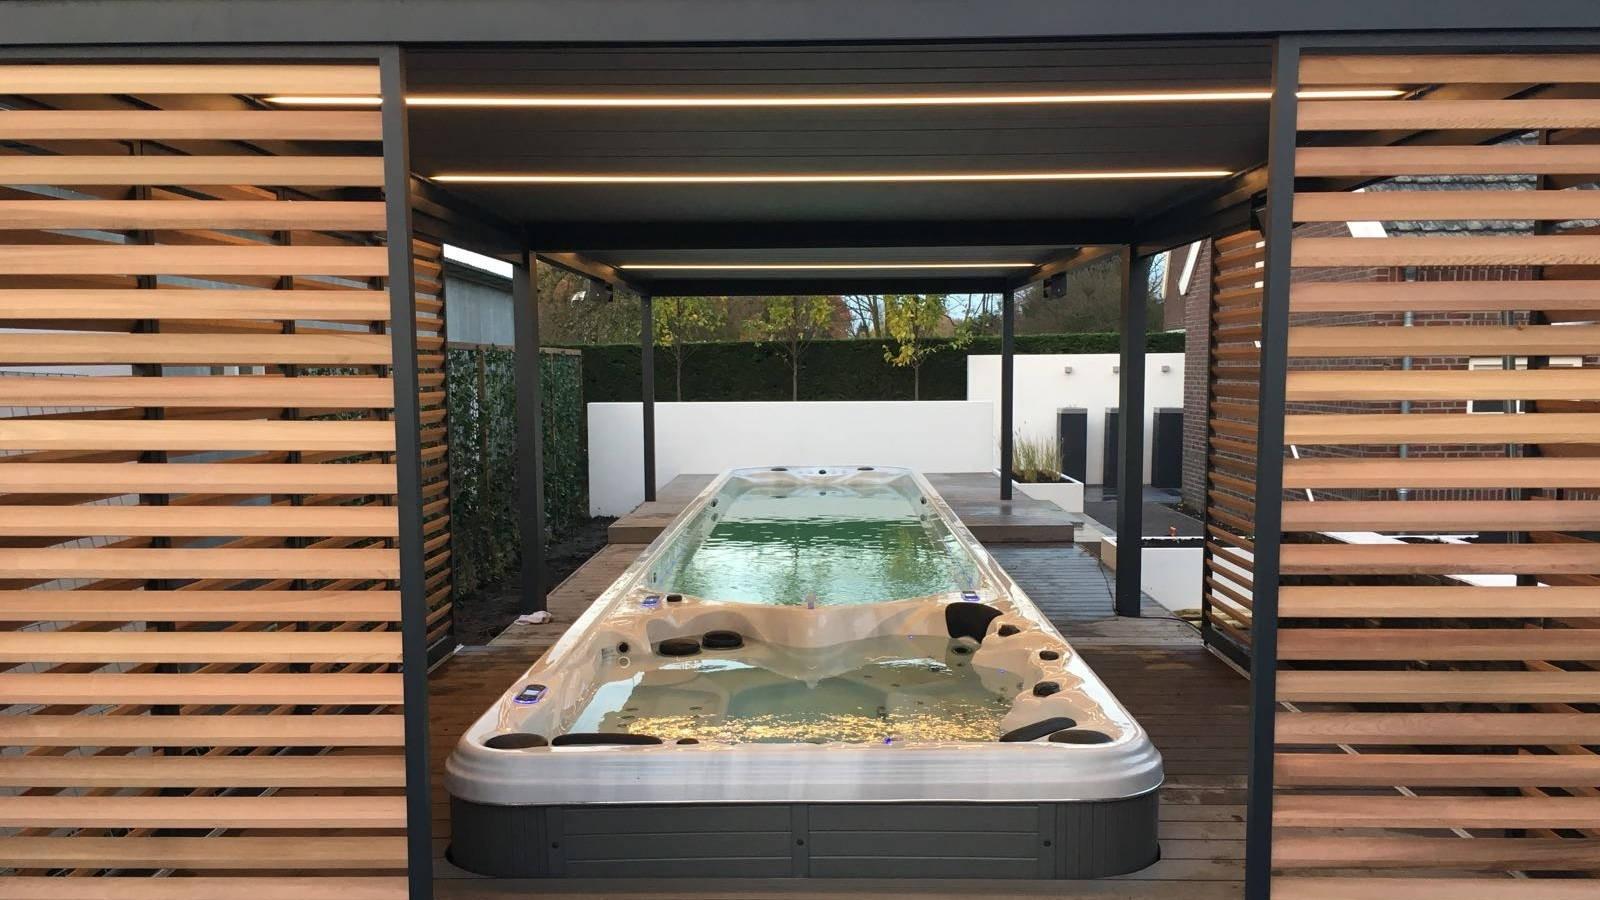 Inbouw waterbehandelingssystemen en oplevering van de grootste swimspa van Nederland